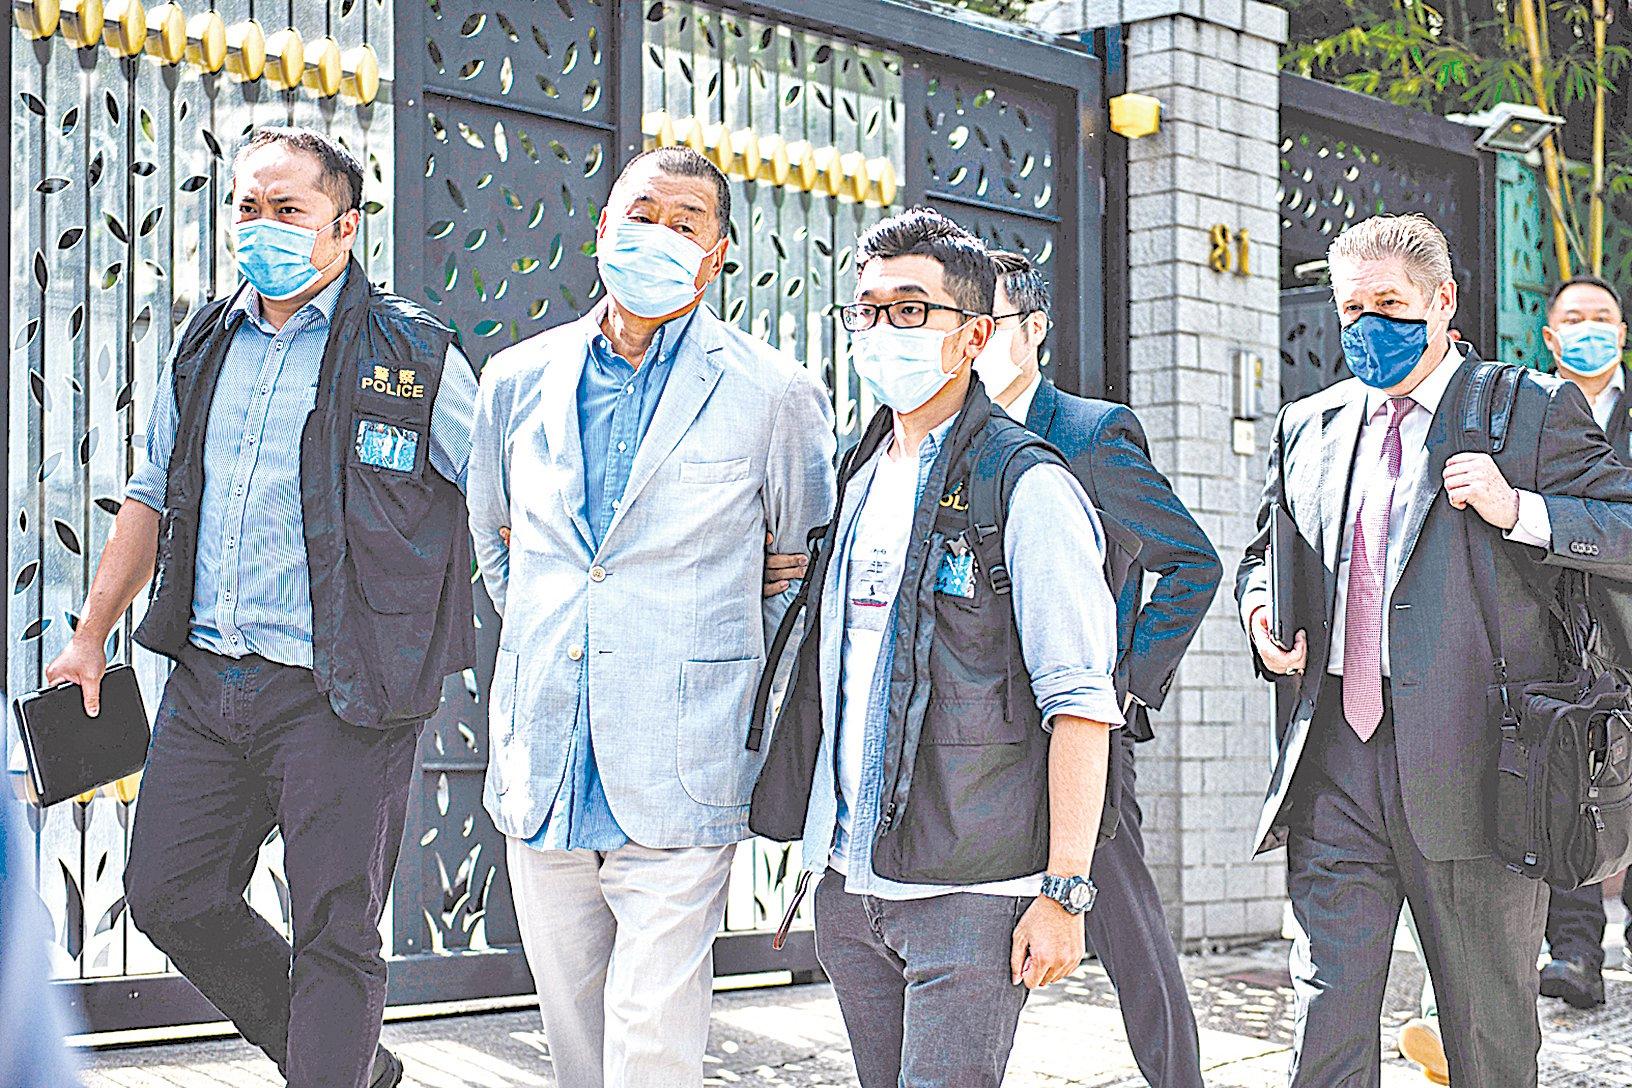 8 月 10 日,壹傳媒創辦人黎智英及其兩個兒子等10人被抓捕。圖為黎智英在住宅處被帶走。(VERNON YUEN/AFP via Getty Images)